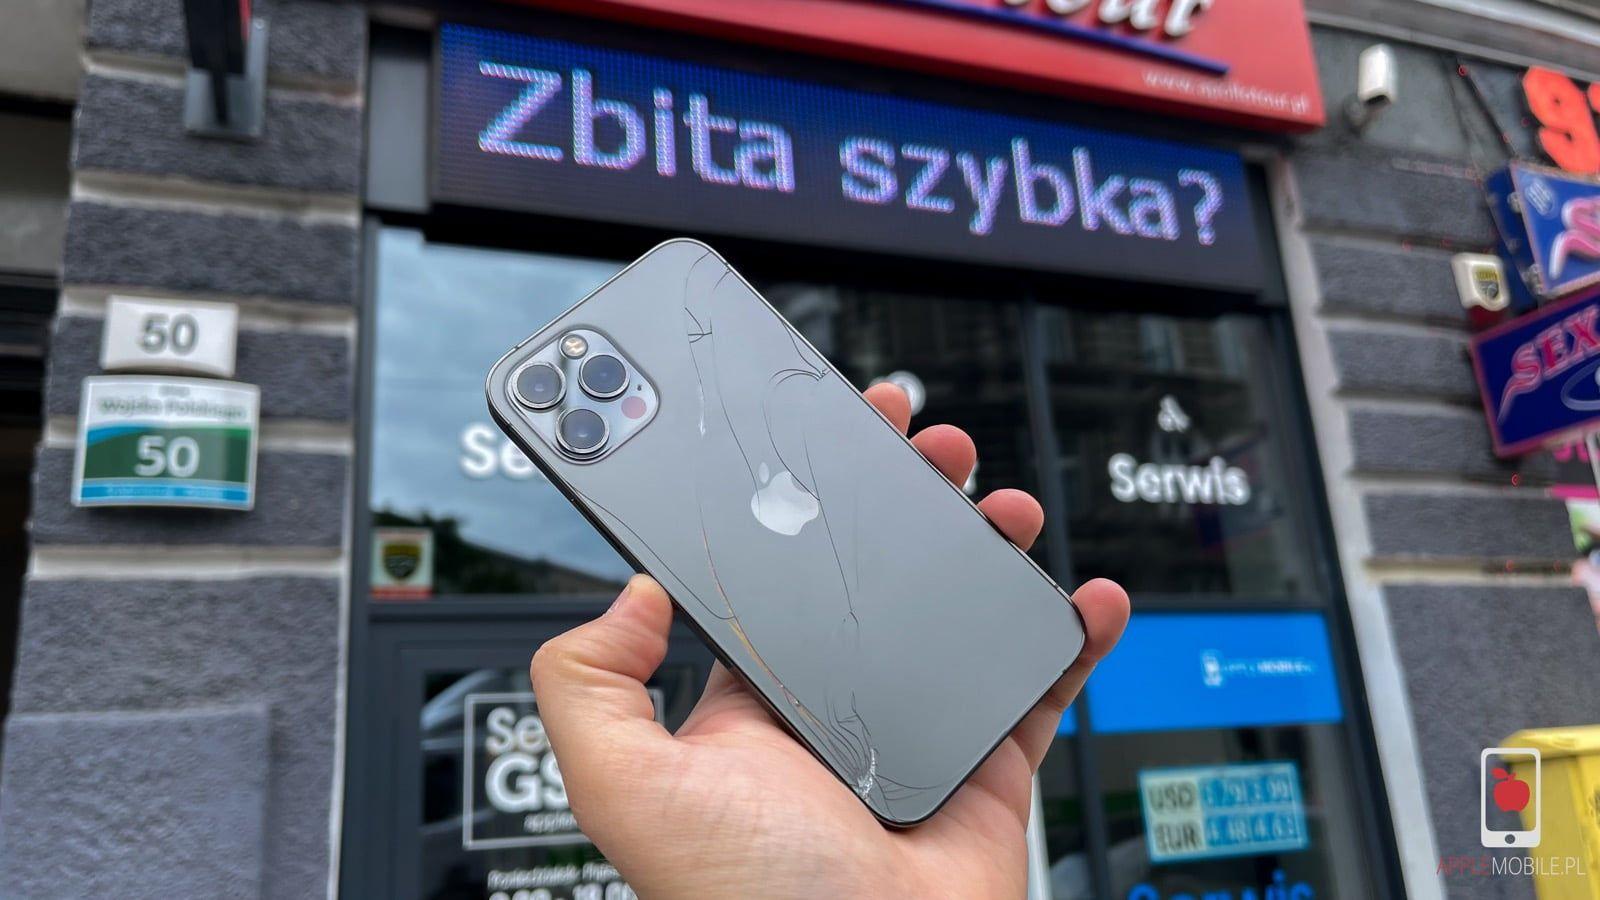 Zbita szybka obudowy w iPhone 12 / iPhone 12 Pro / iPhone 12 Mini / iPhone 12 Pro Max? Wymień tylną szybę klapkę obudowy w iPhone zachowując funkcje telefonu w serwisie apple w Szczecinie.